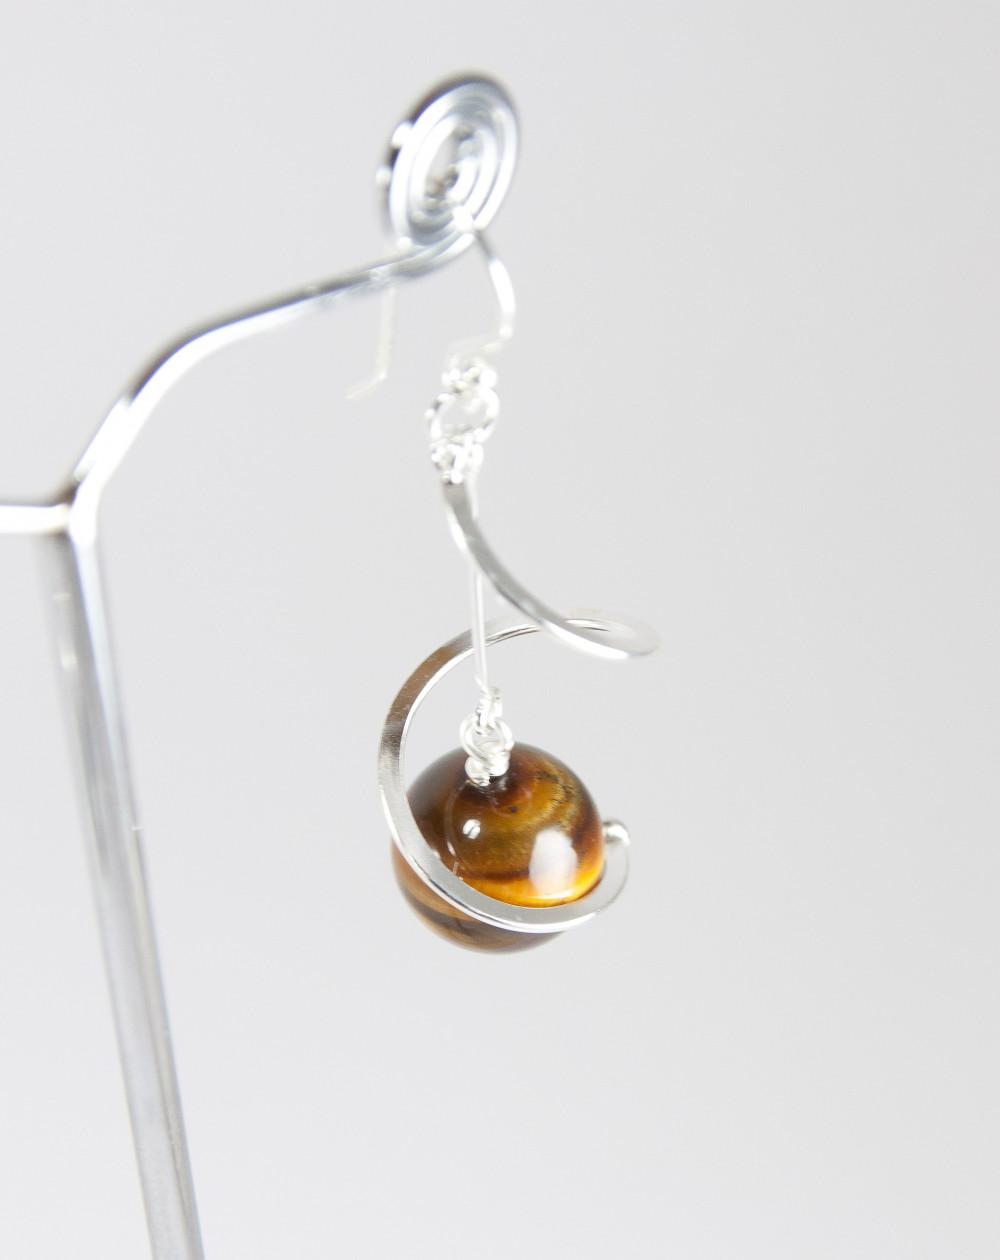 Boucles d'oreilles torsadé en argent, Oeil de tigre, Sanuk Création, Bayonne